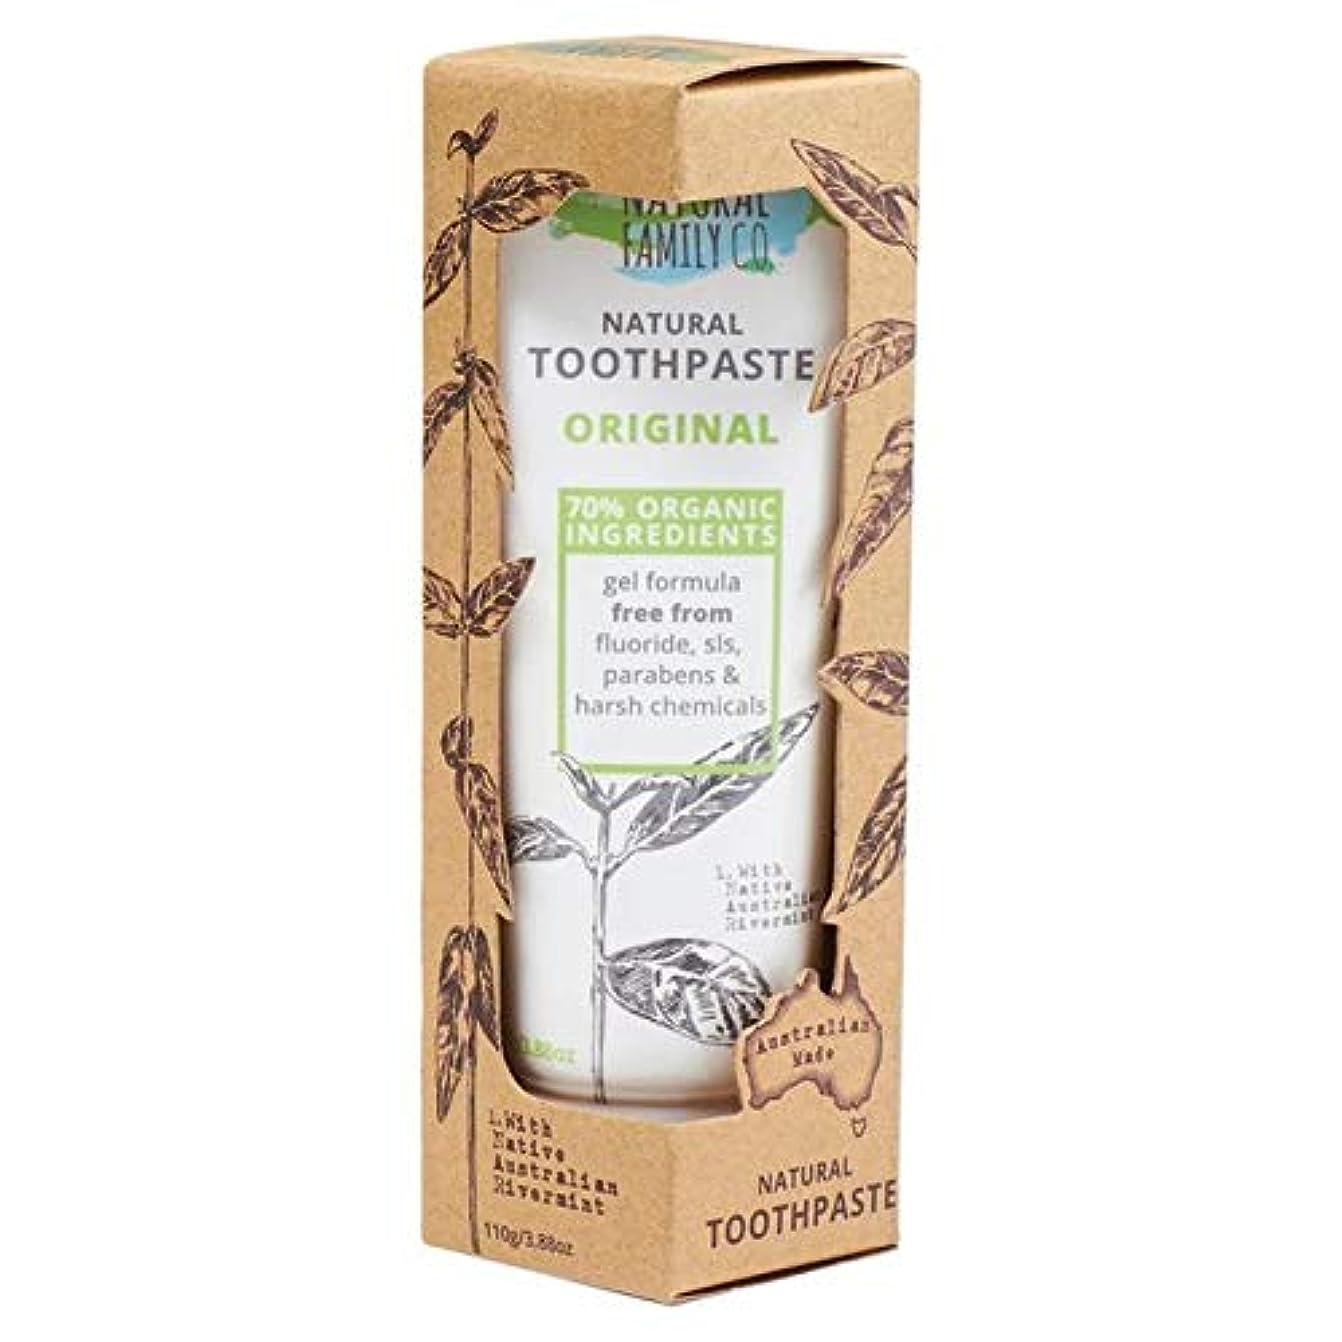 事件、出来事パレードバナナ[Natural Family ] 自然な家族の元歯磨き粉の110グラム - Natural Family Original Toothpaste 110g [並行輸入品]